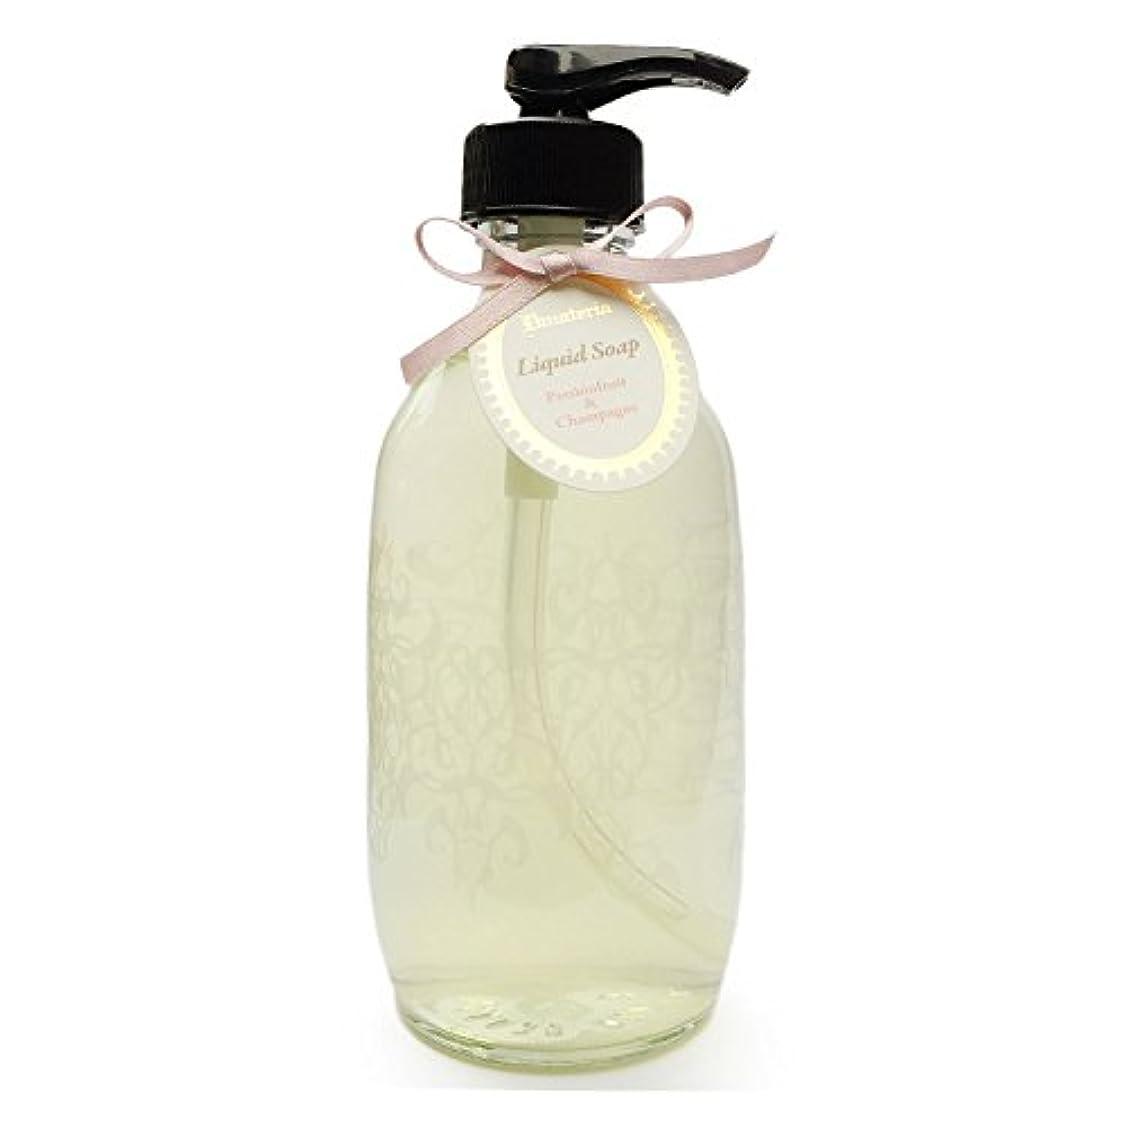 今価値降雨D materia リキッドソープ パッションフルーツ&シャンパン Passionfruit&Champagne Liquid Soap ディーマテリア